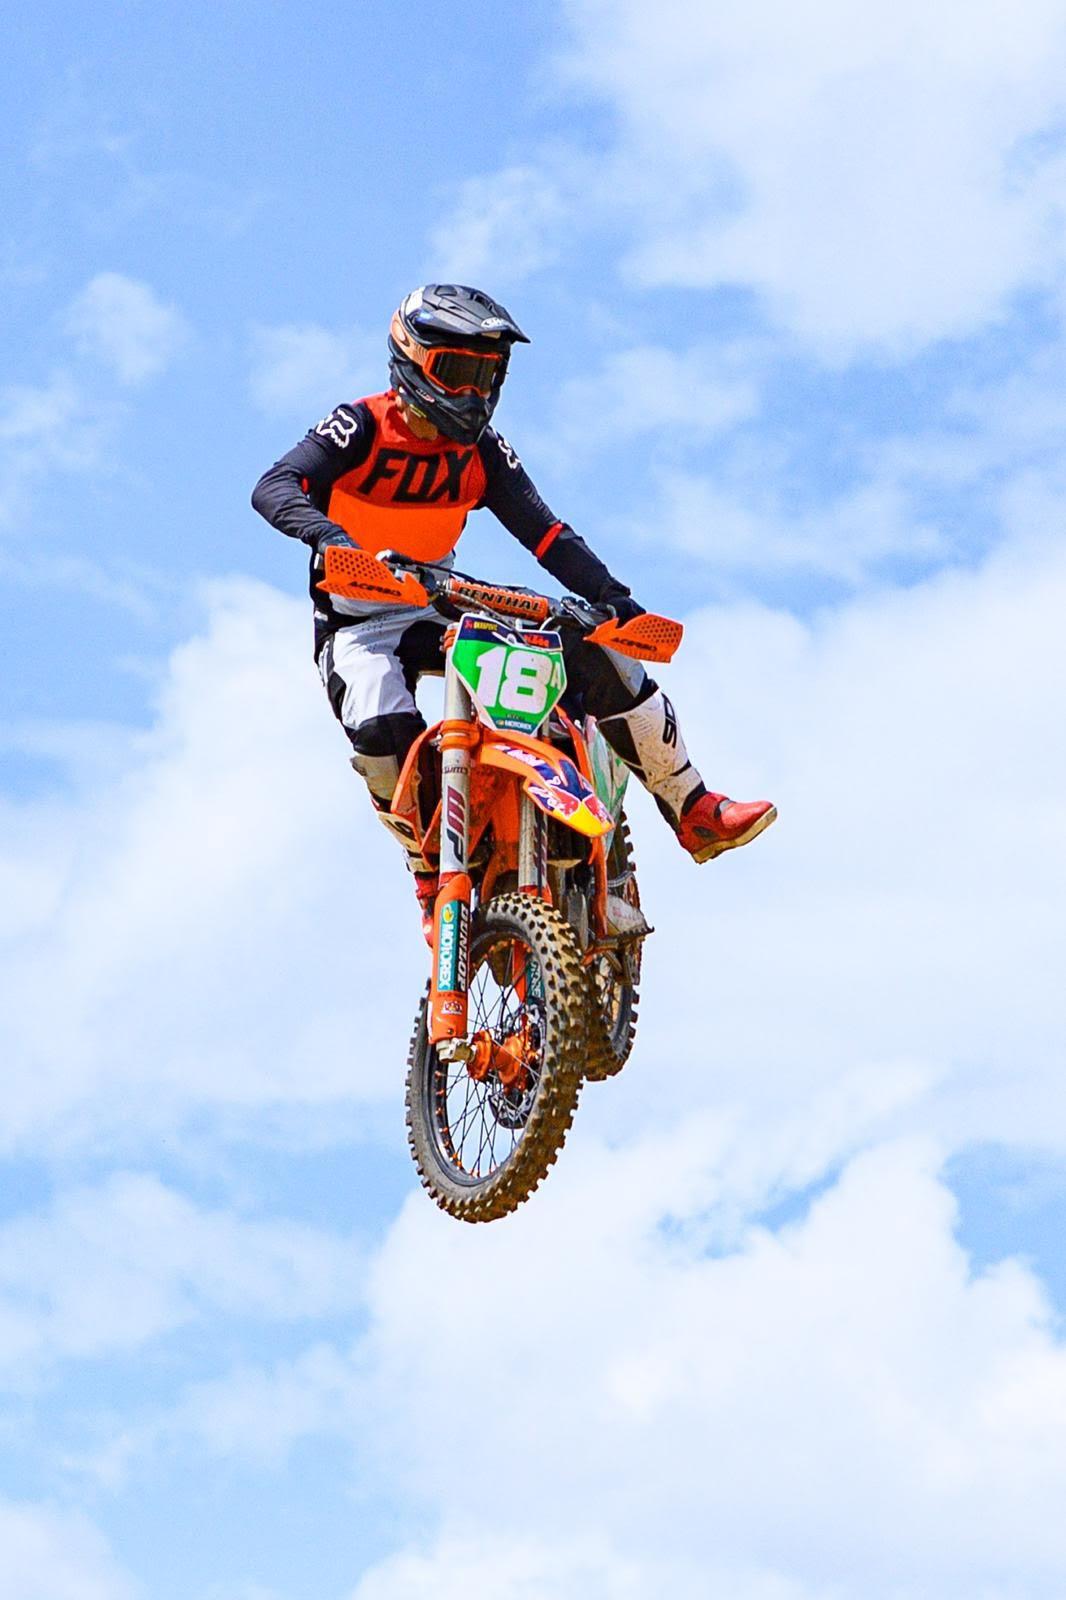 MOTOCICLISMO: Leo Gómez alcanza segundo lugar en el arranque en el Florida Trial Riders de hare scrambles